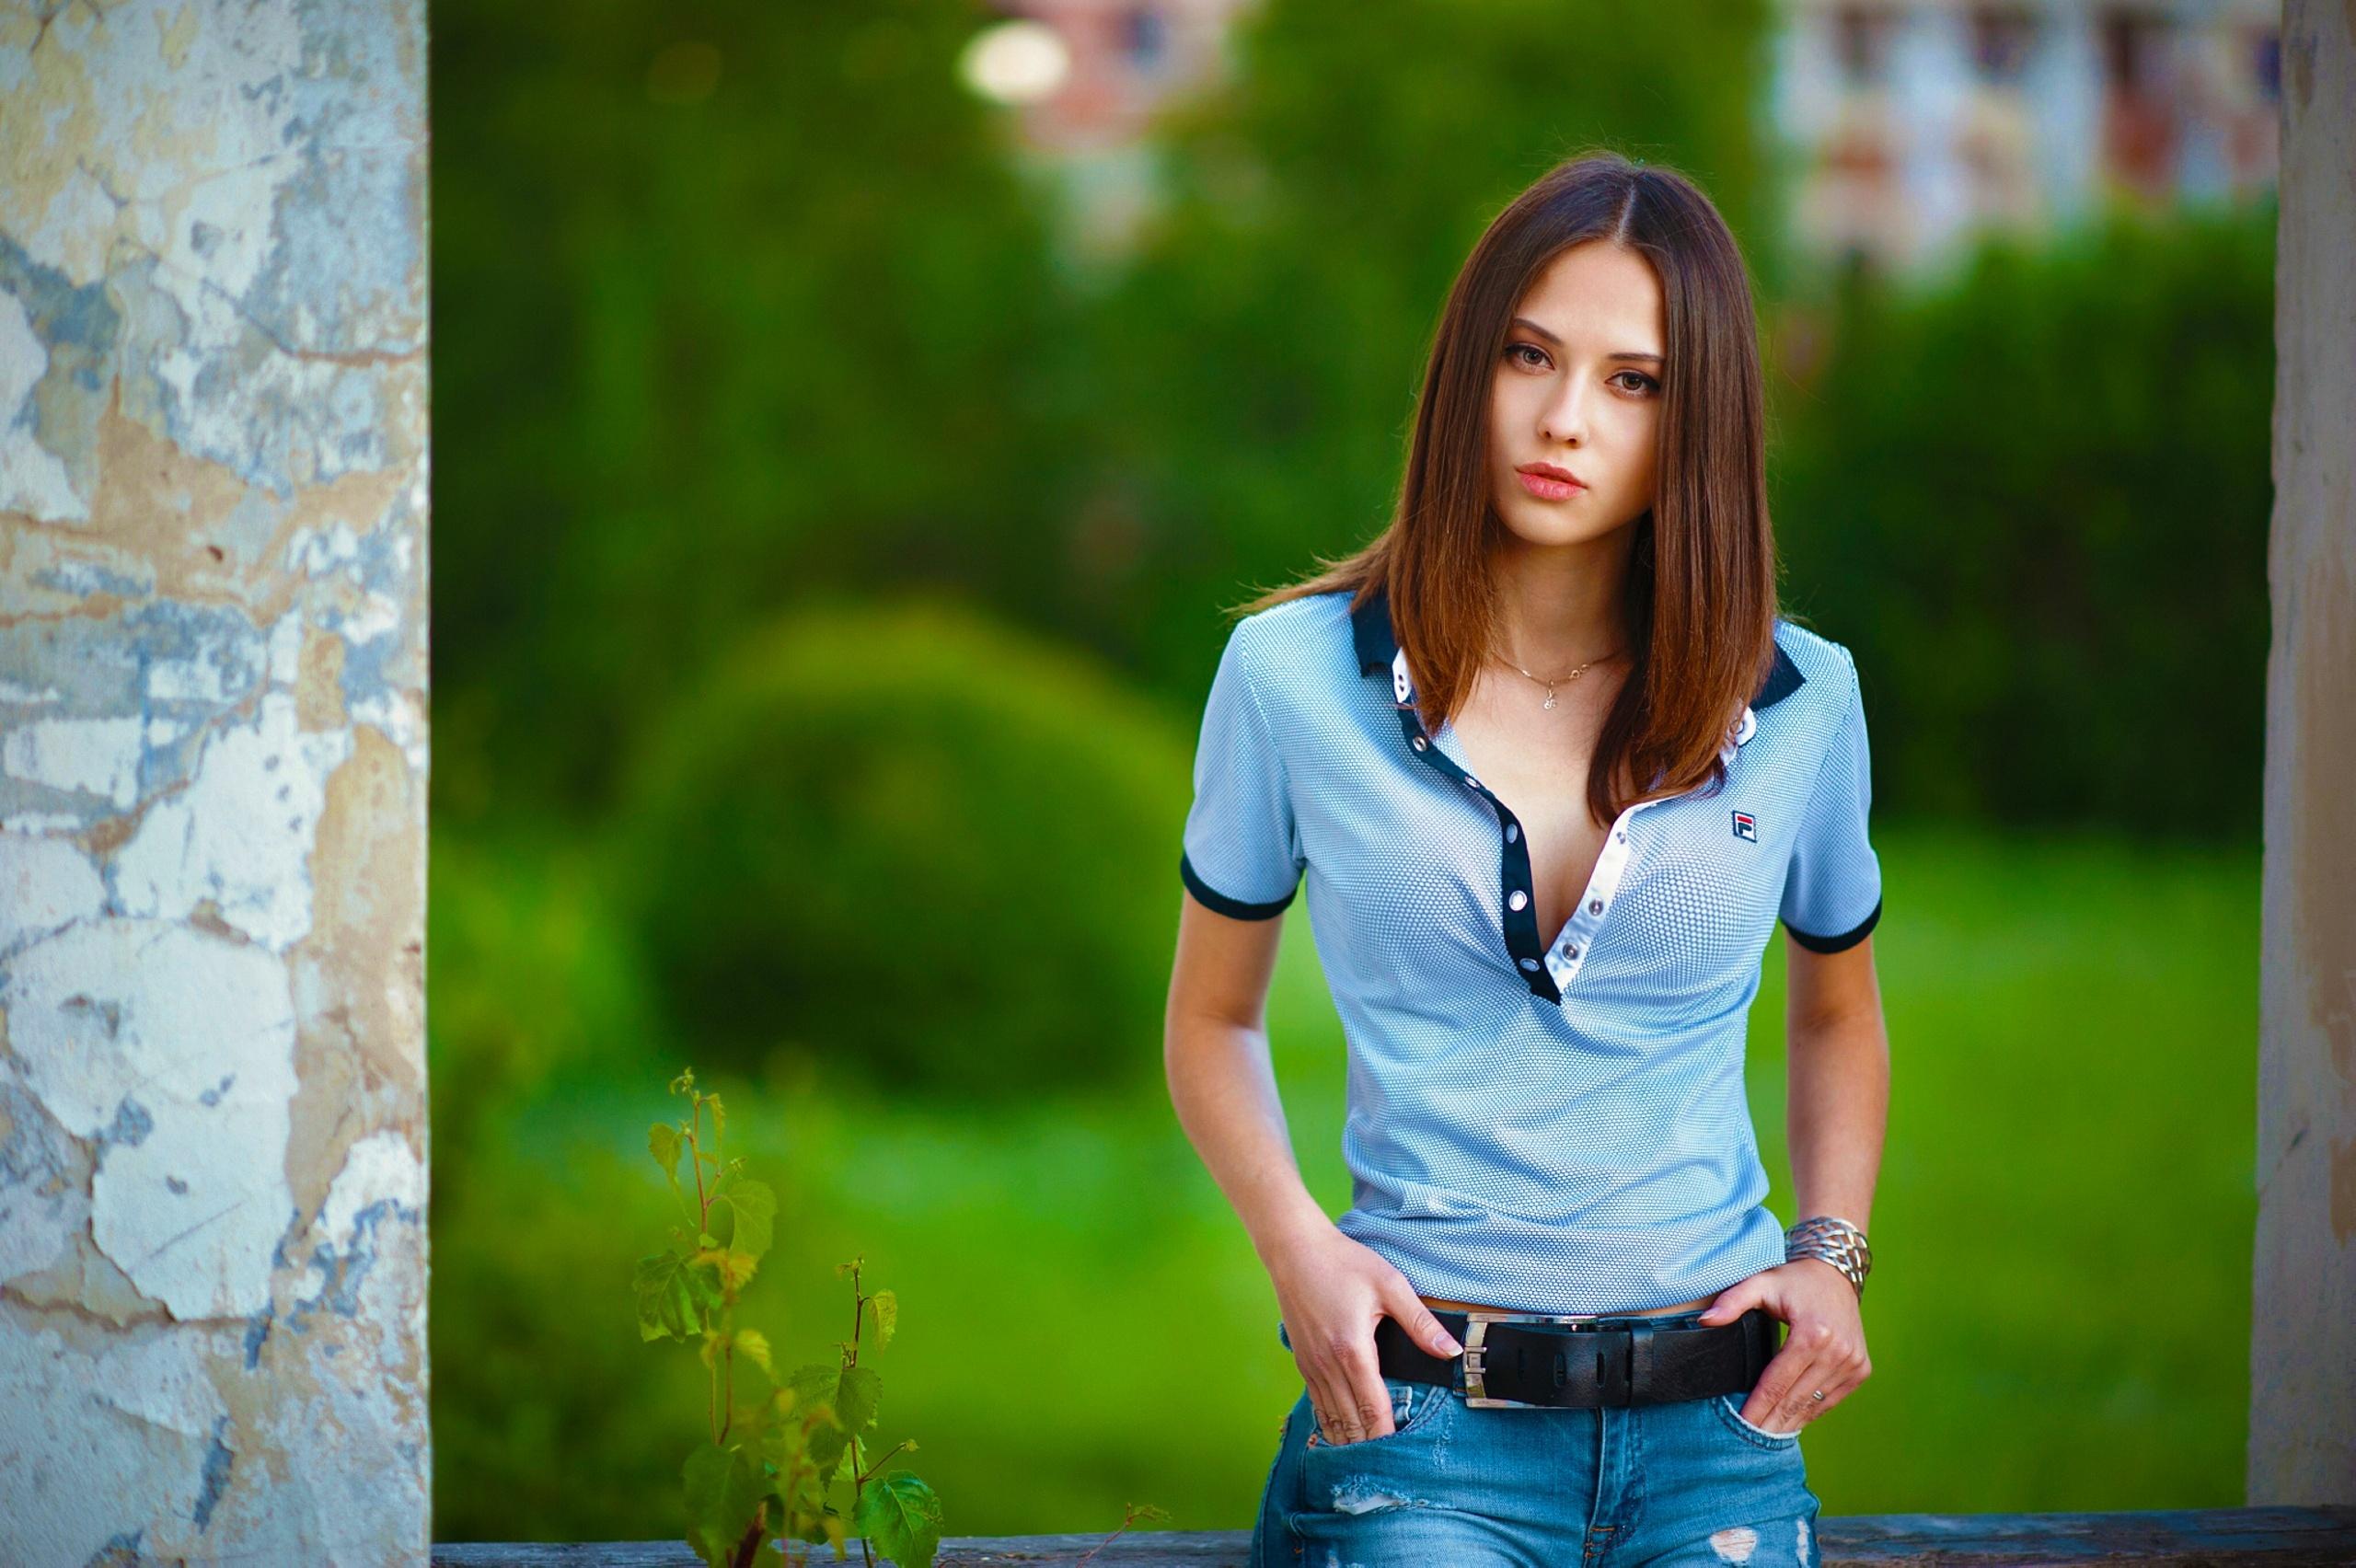 милая девушка волосы блузка без смс